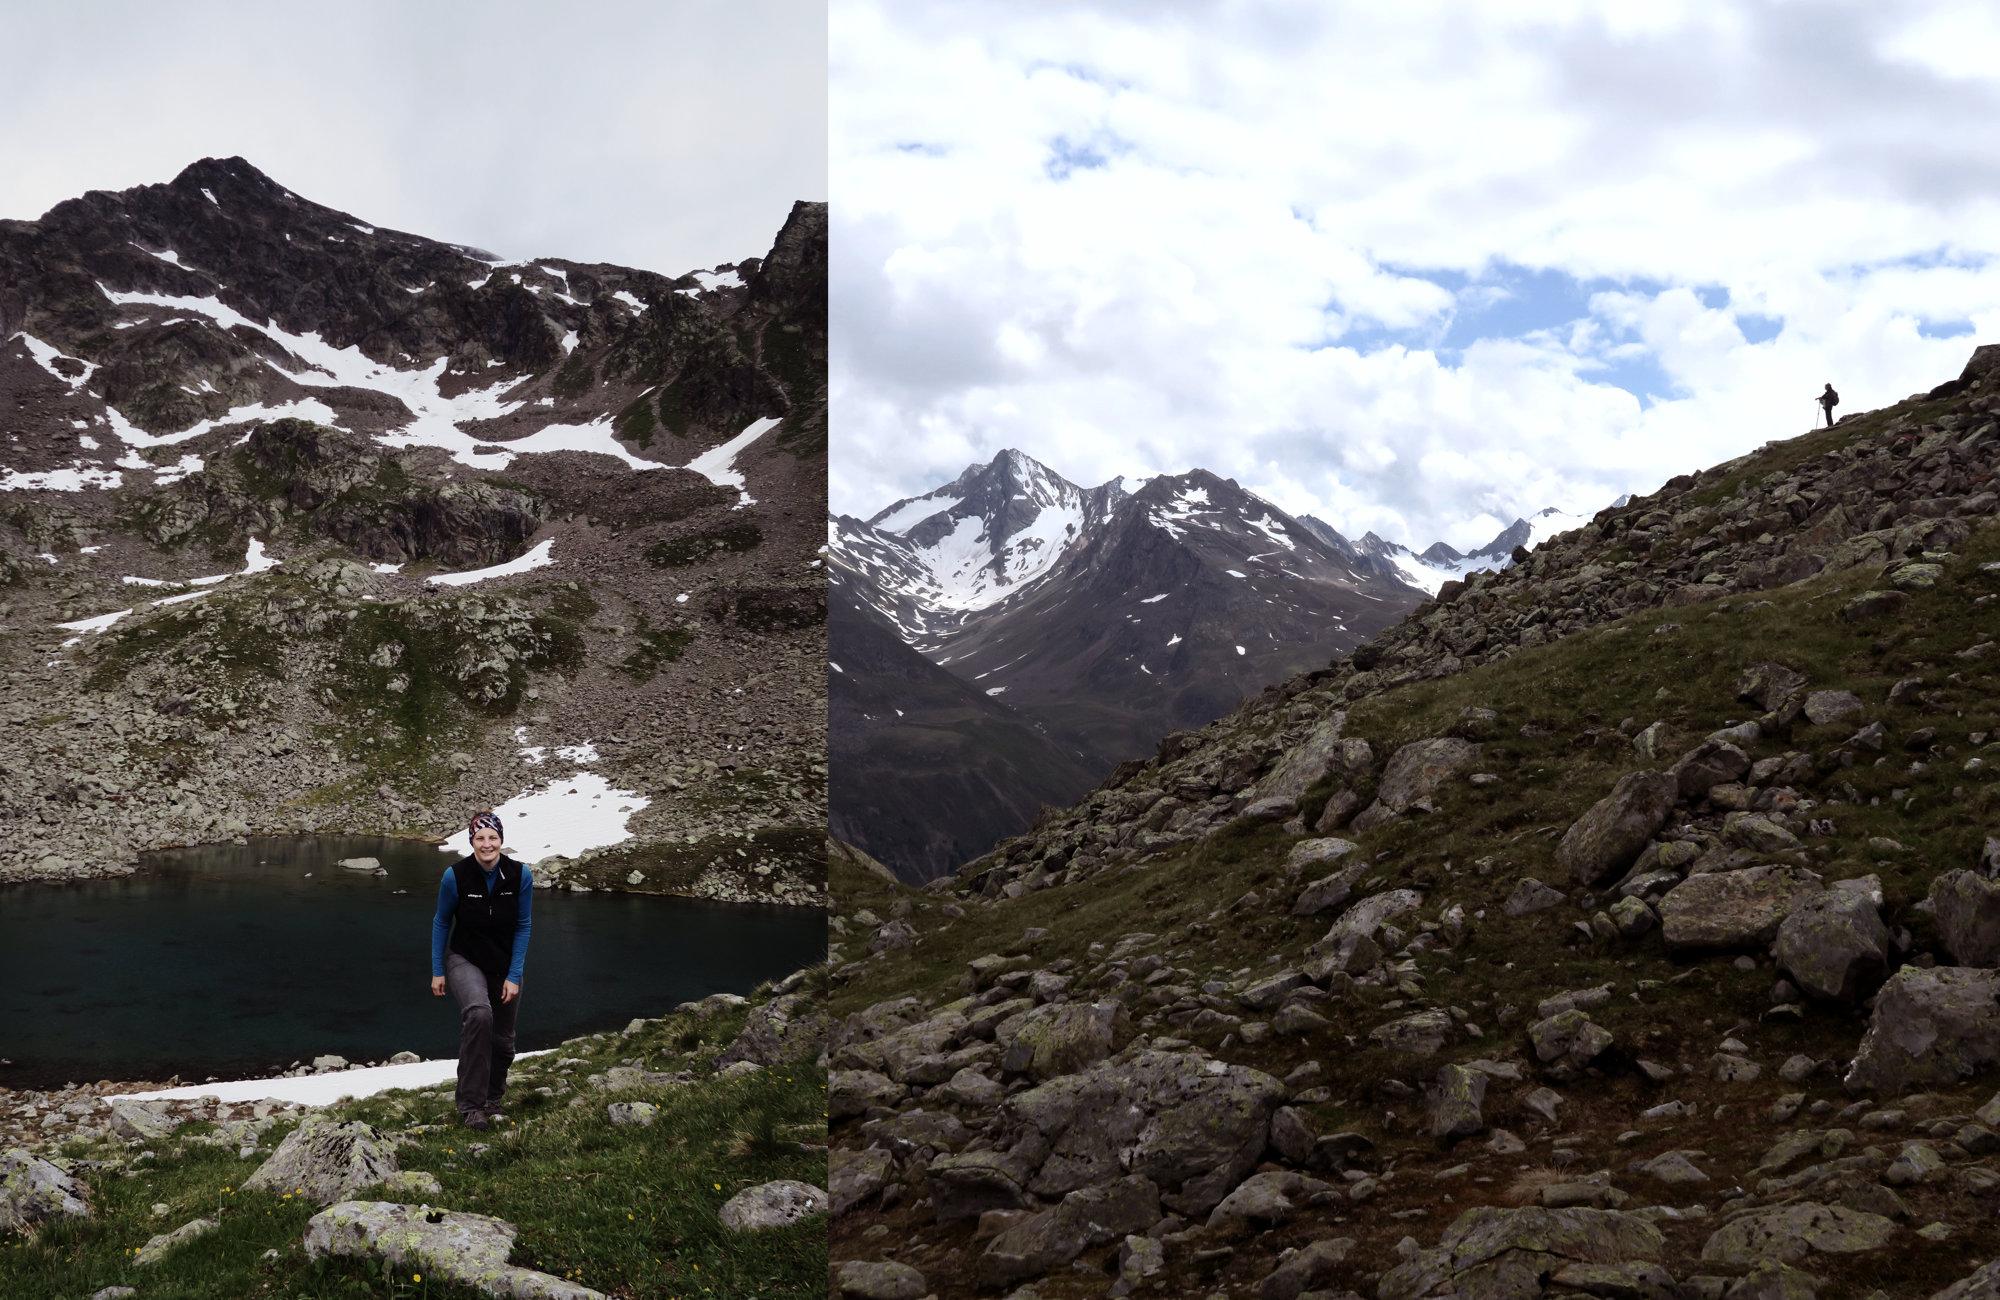 Nedersee, Wandertour Seenplatte, Wandern im Ötztal, Wandertour Ötztal, Ötztaler Alpen, Bergwandern, Tirol